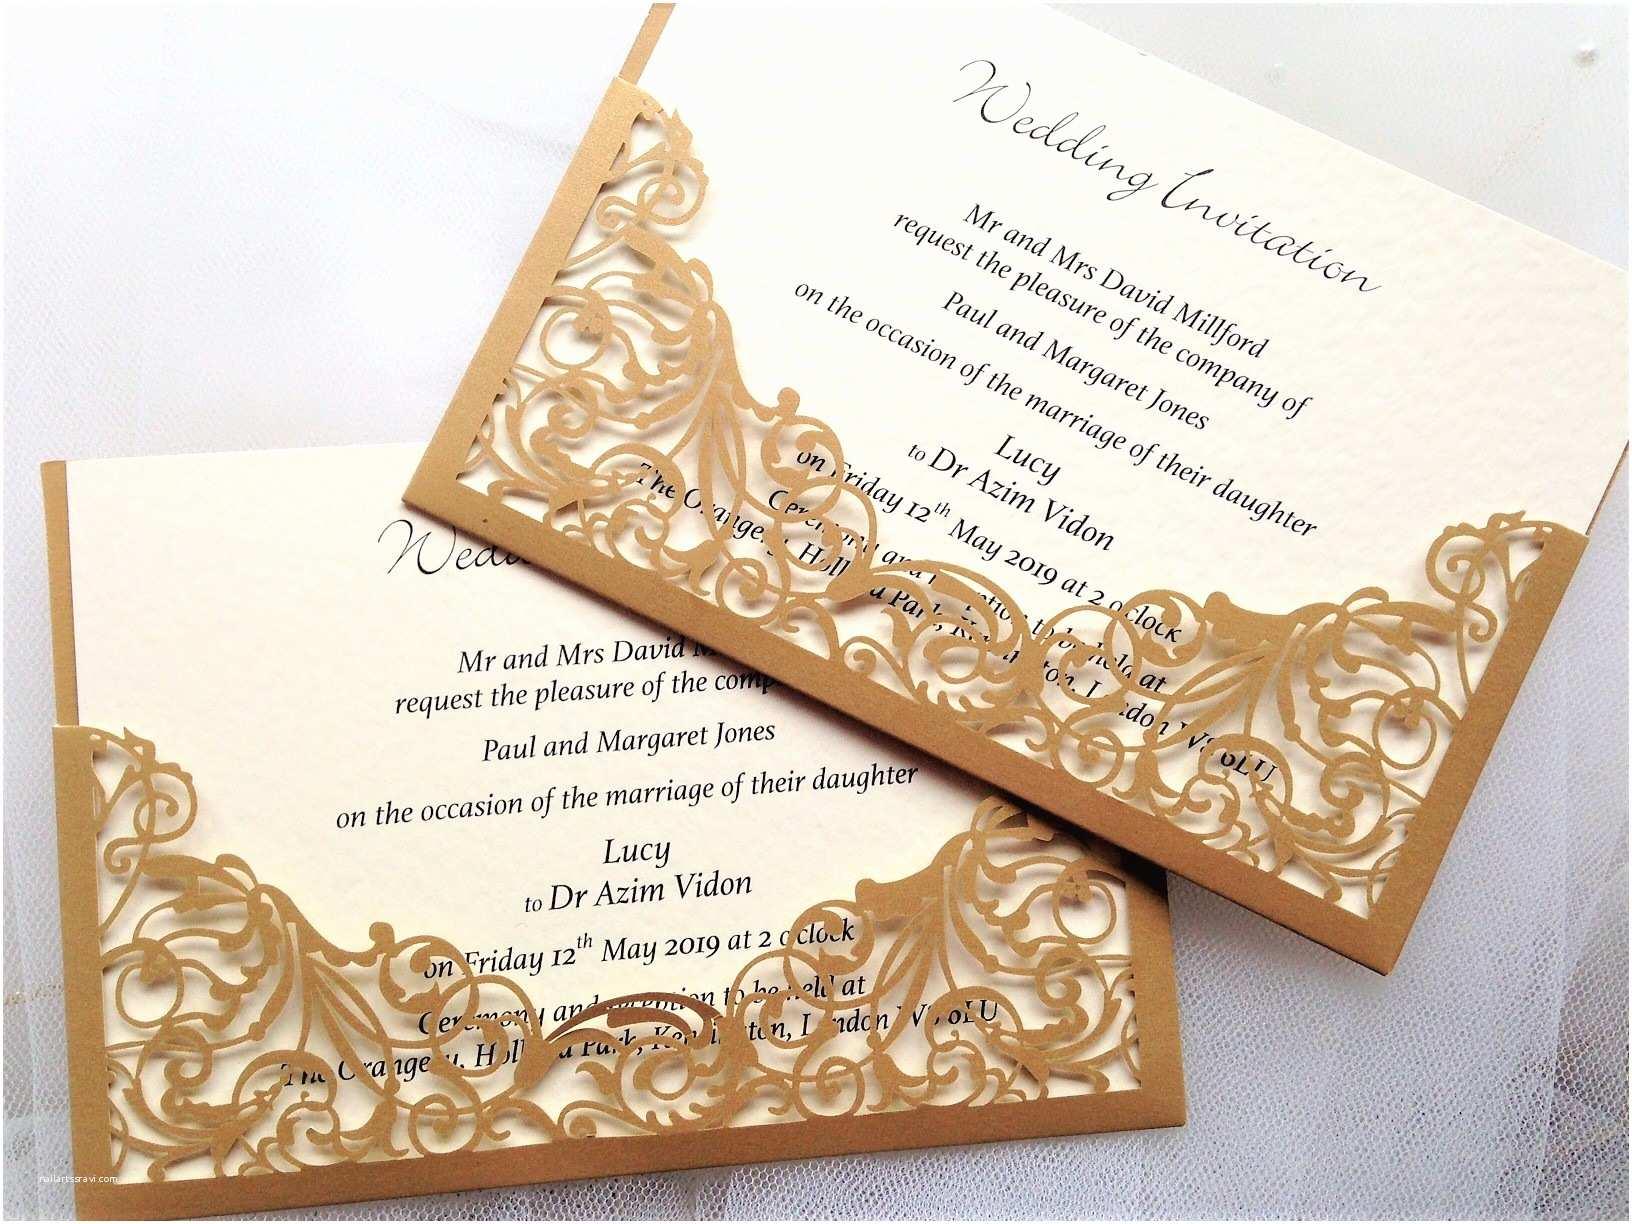 Laser Cut Pocket Wedding Invitations Gold Pocket Laser Cut Wedding Invitations £2 Each